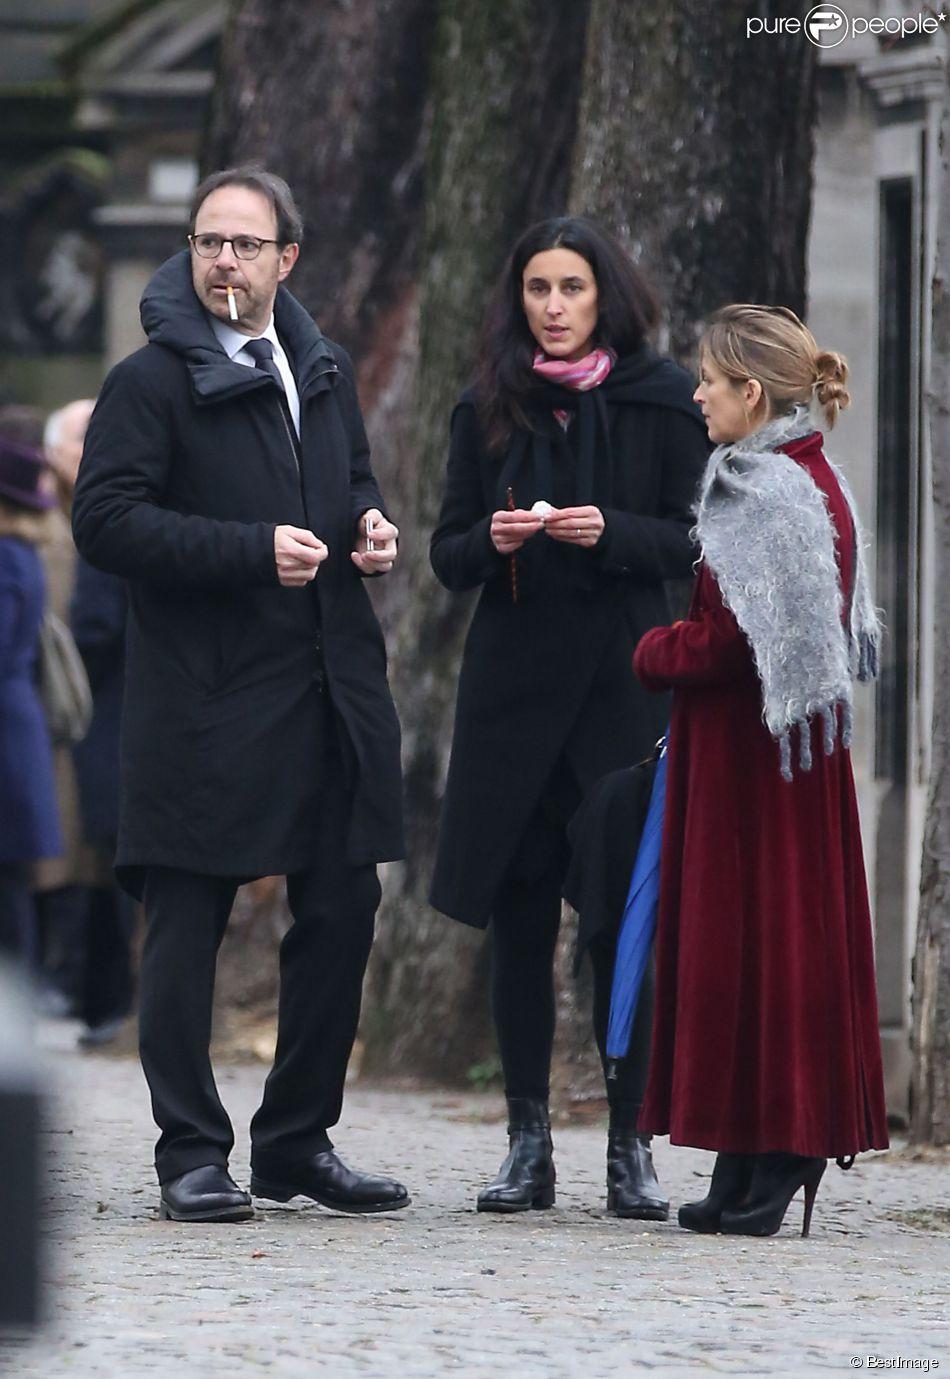 Marc Levy et sa femme Pauline Lévêque - Obsèques de Raymond Lévy (grand résistant et père de Marc Levy) au cimetière de Passy à Paris le 15 décembre 2014